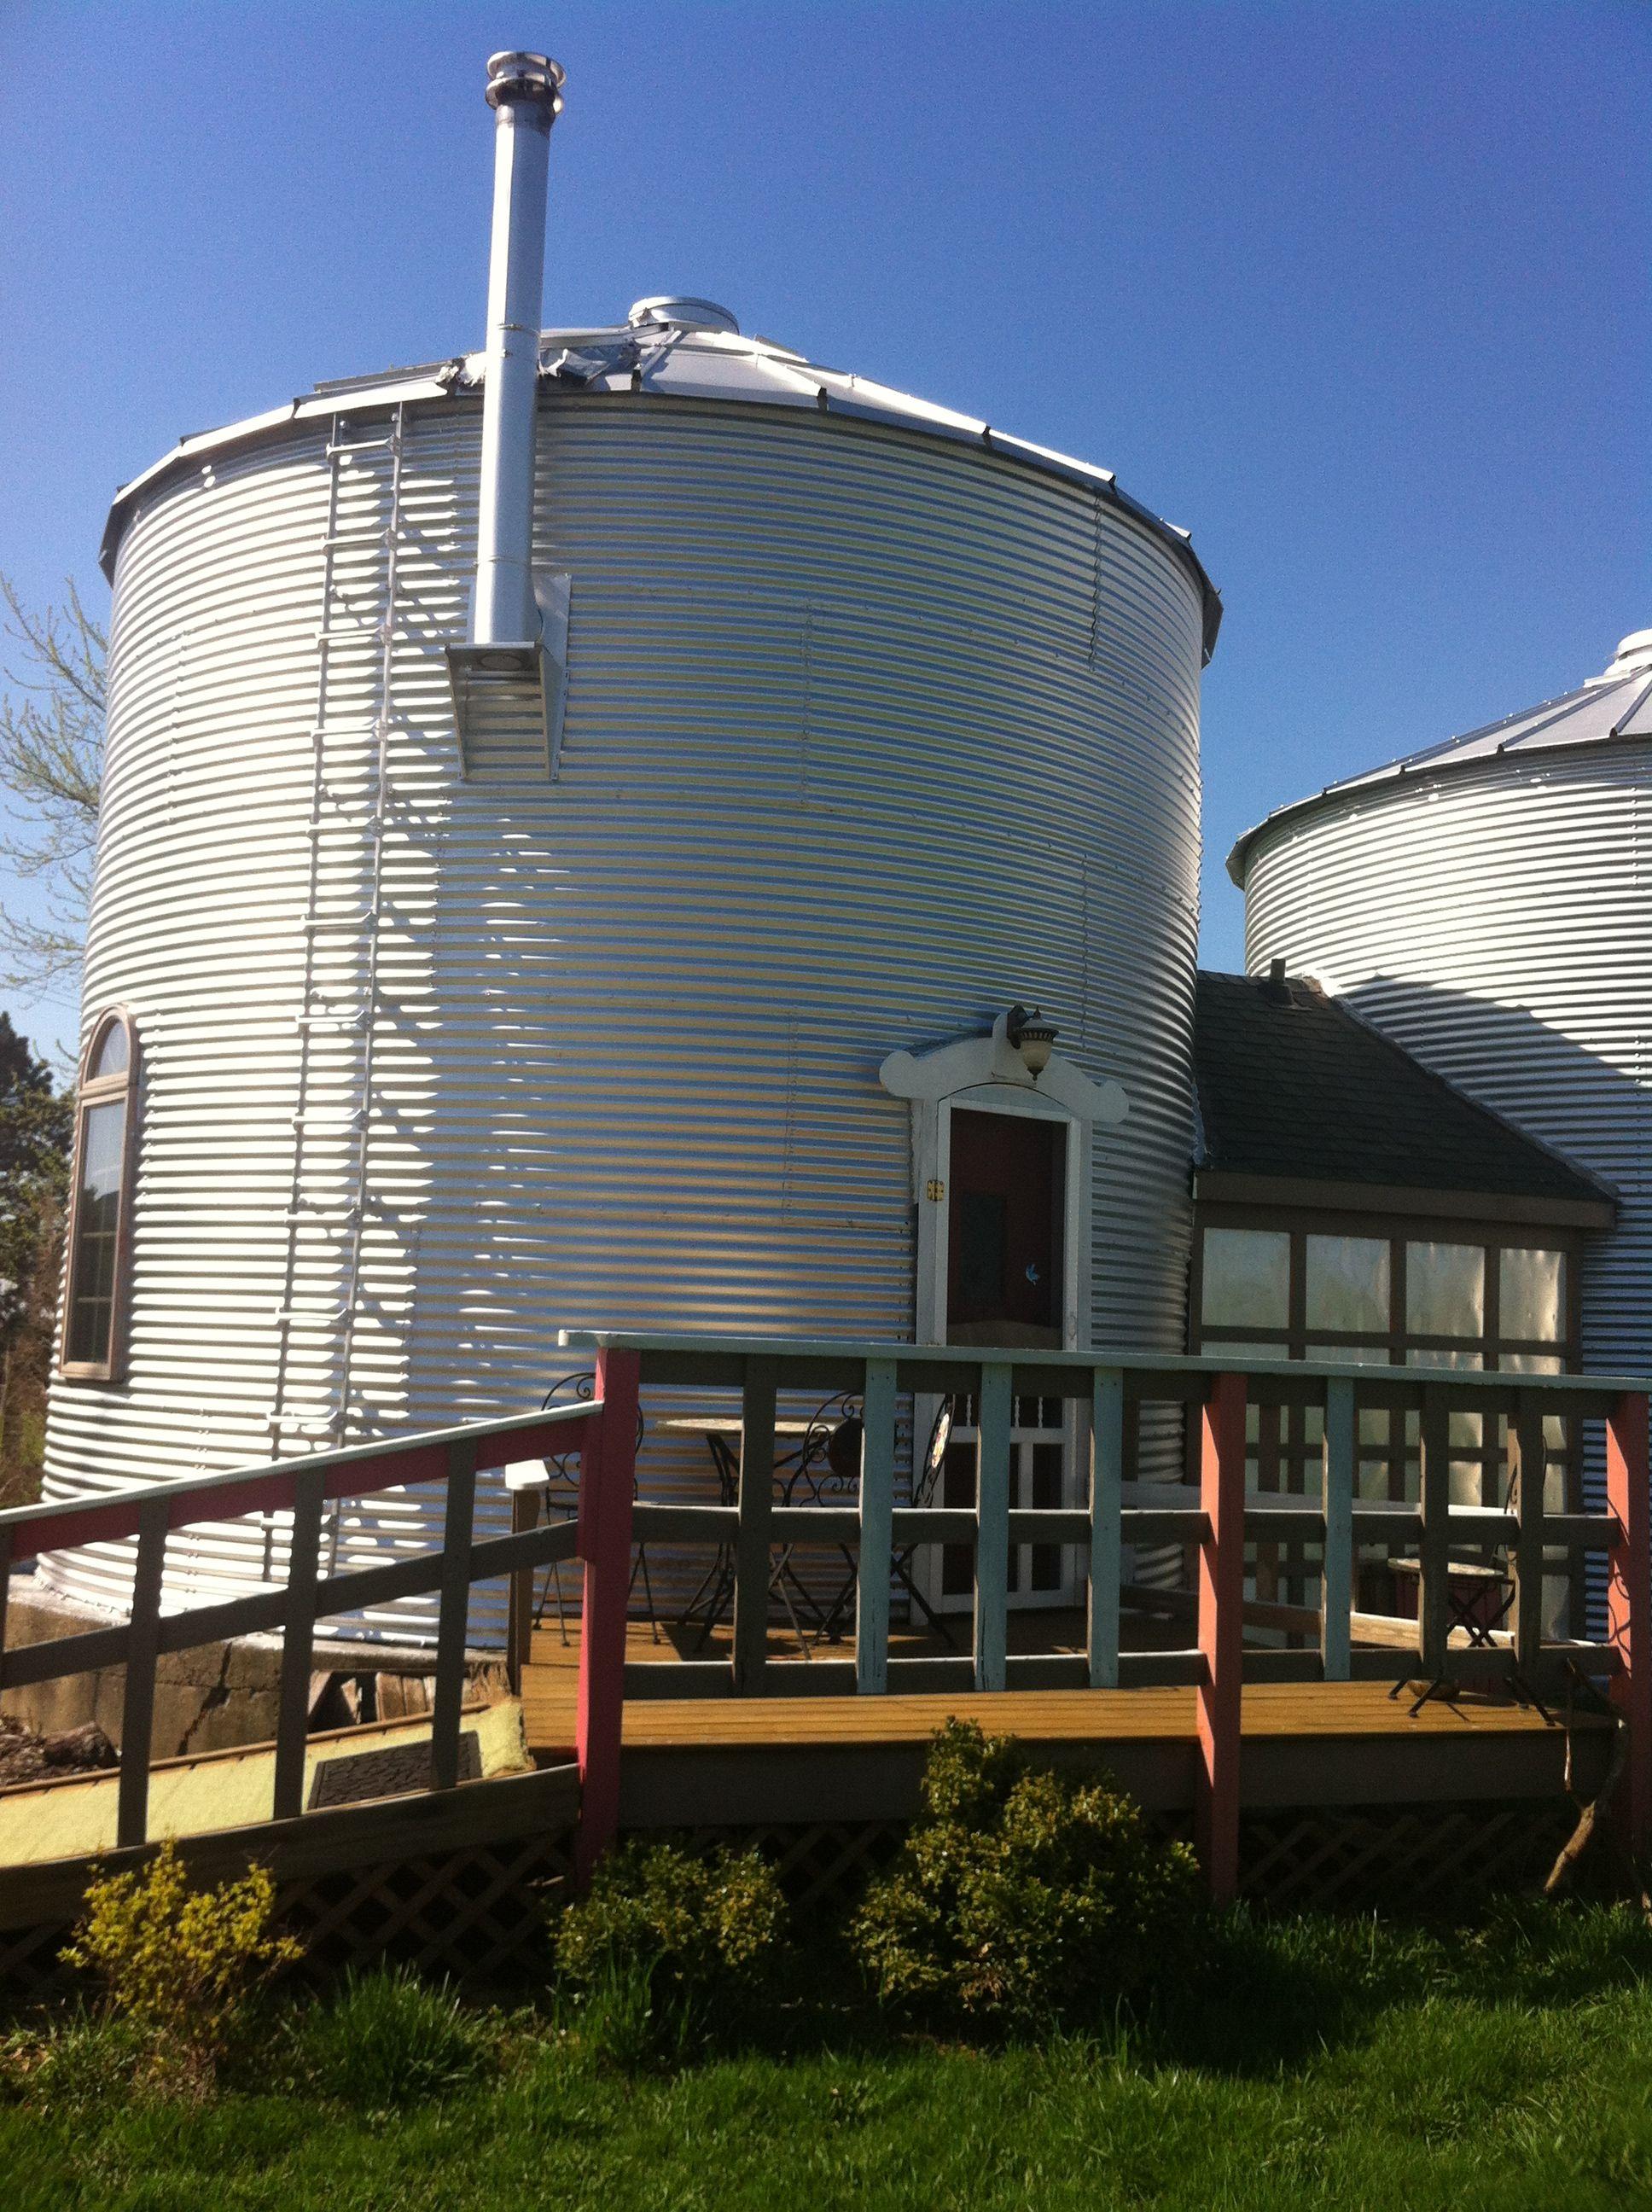 Our Grain Silo Cabin Marcia S B B Ottawa Illinois What Fun It